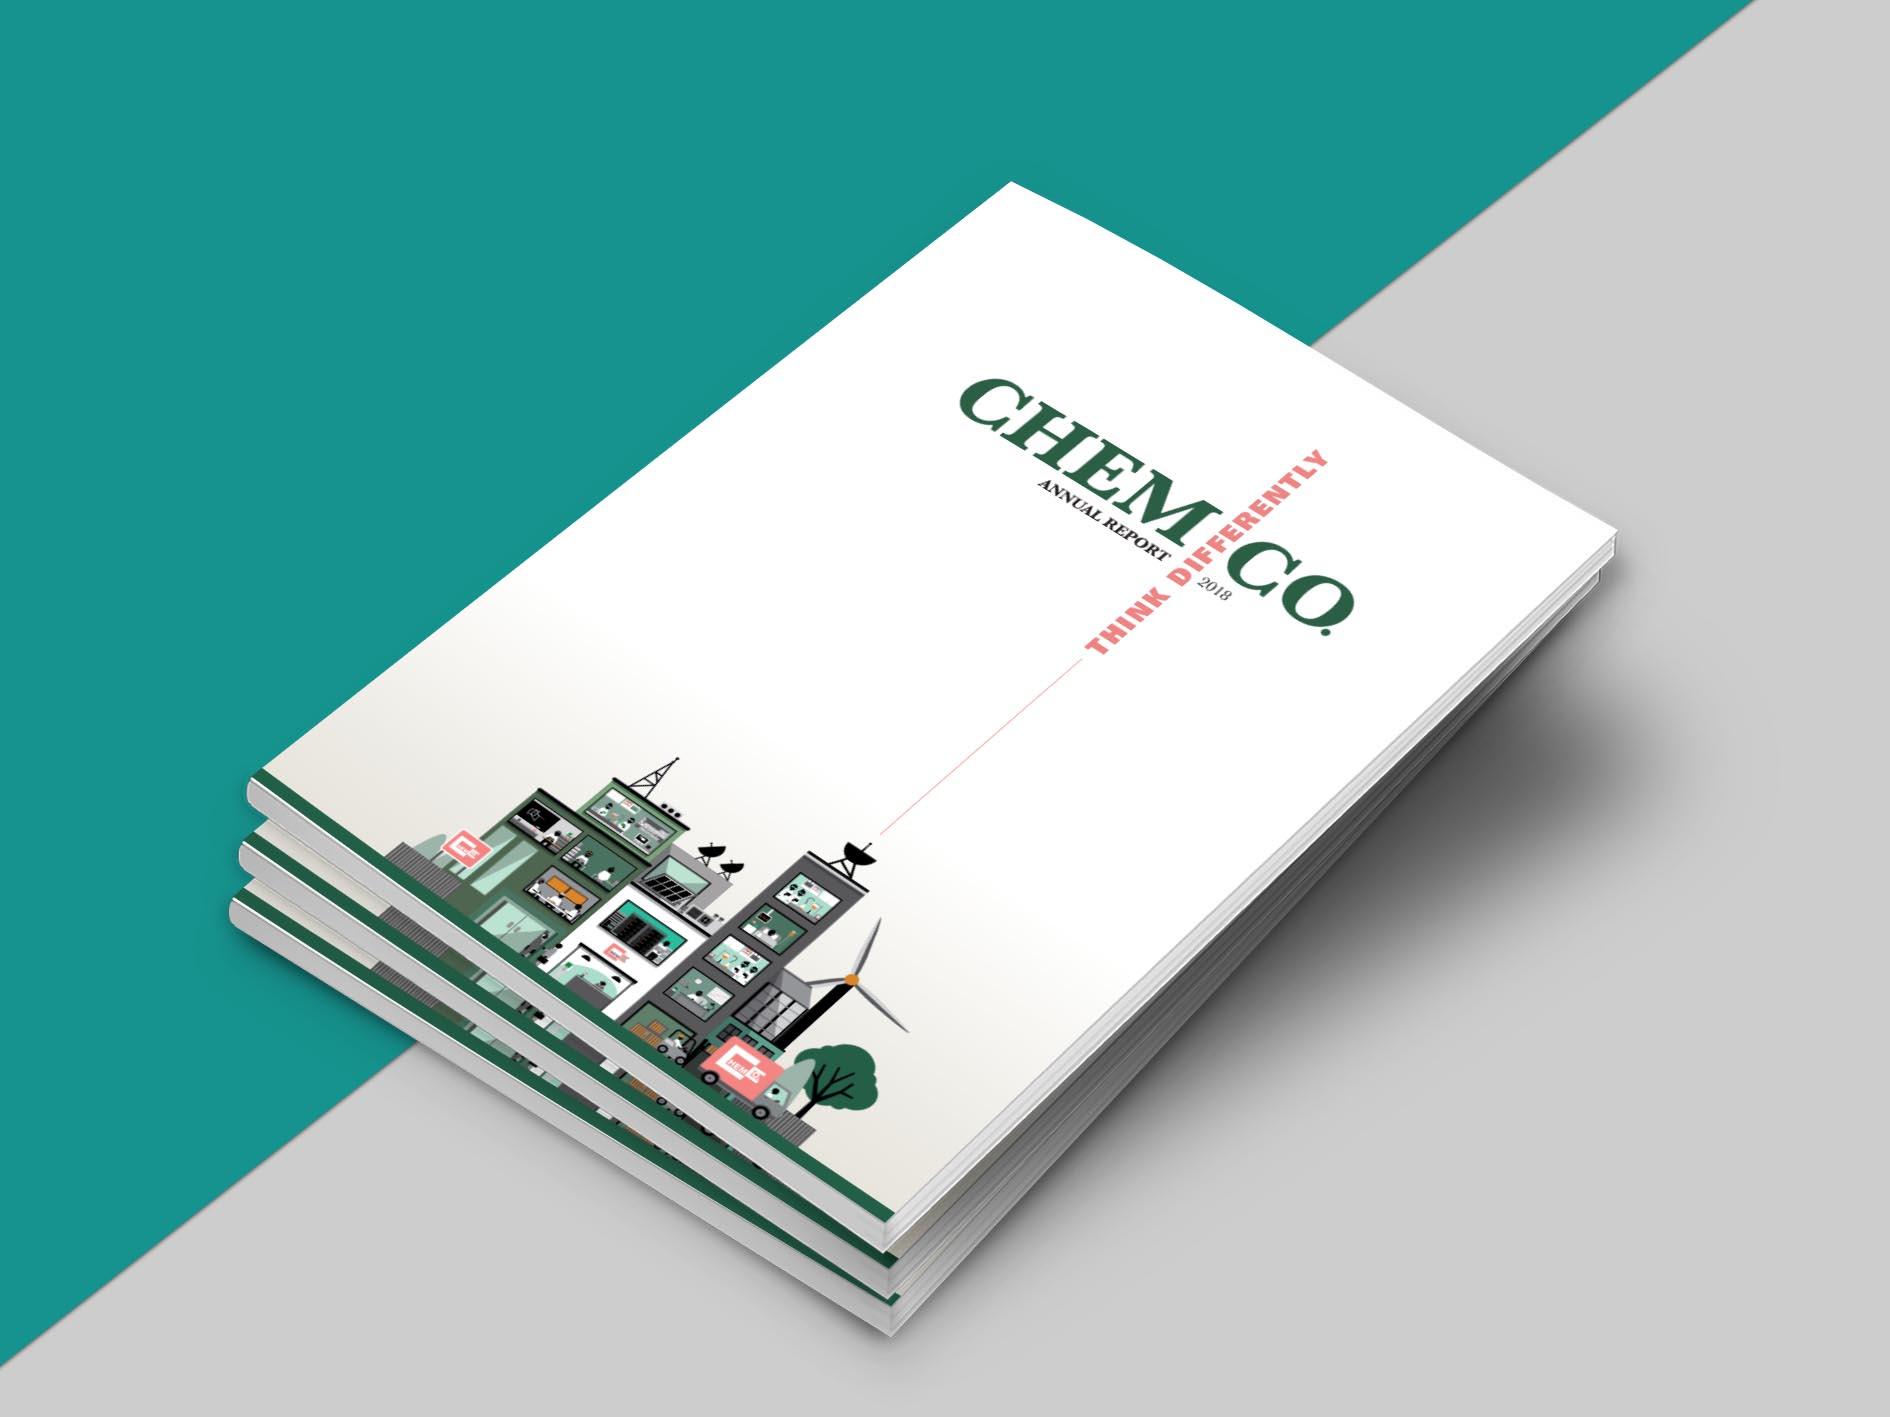 CHEMCO Annual Report spread Cover.jpg